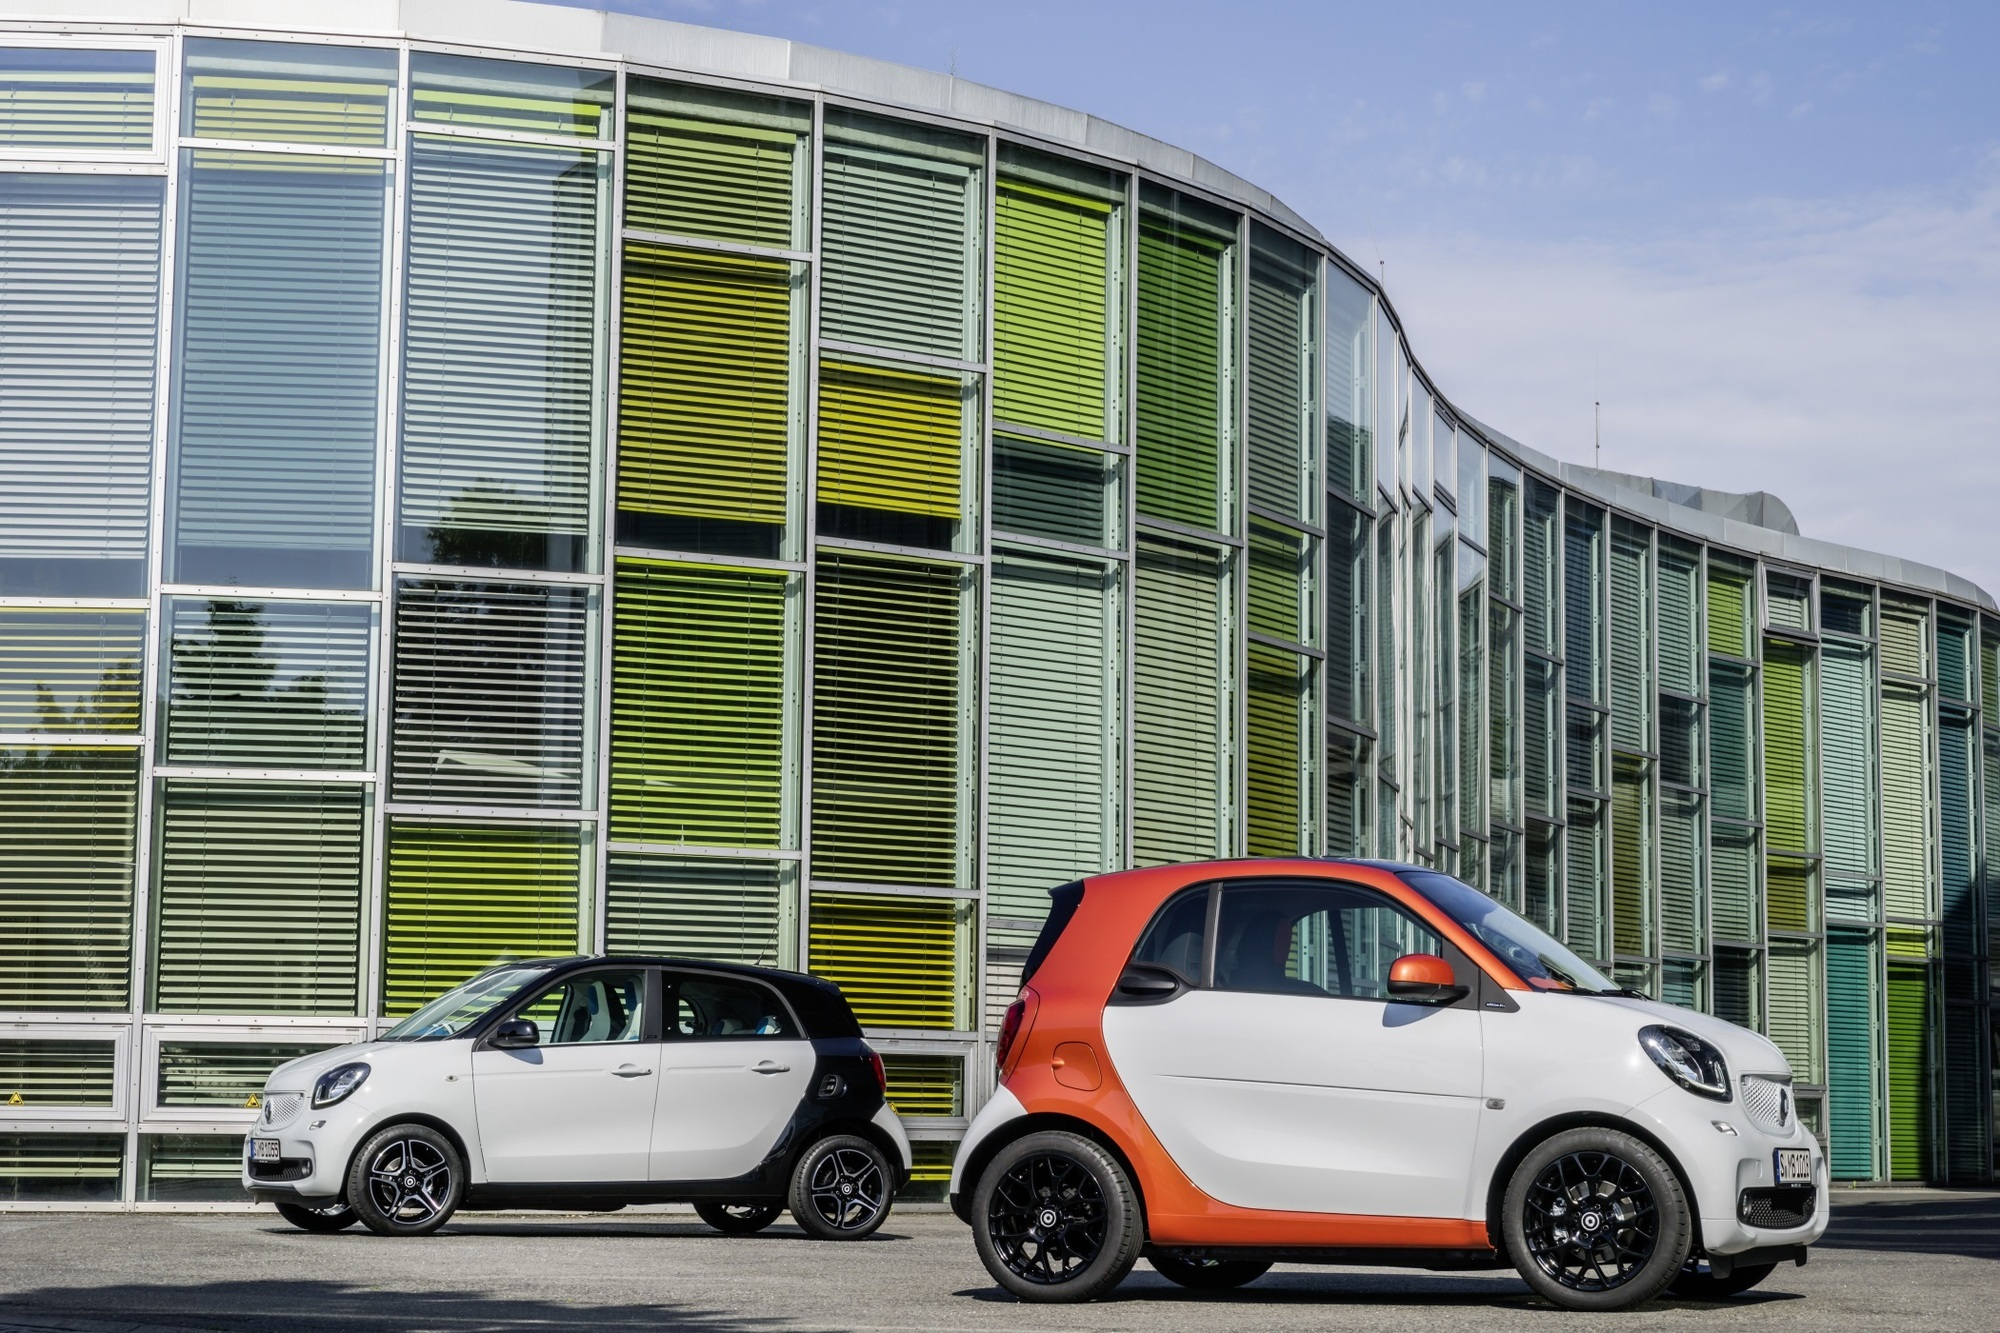 Fahrbericht: Smart Fortwo und Smart Forfour - Kurz und würzig